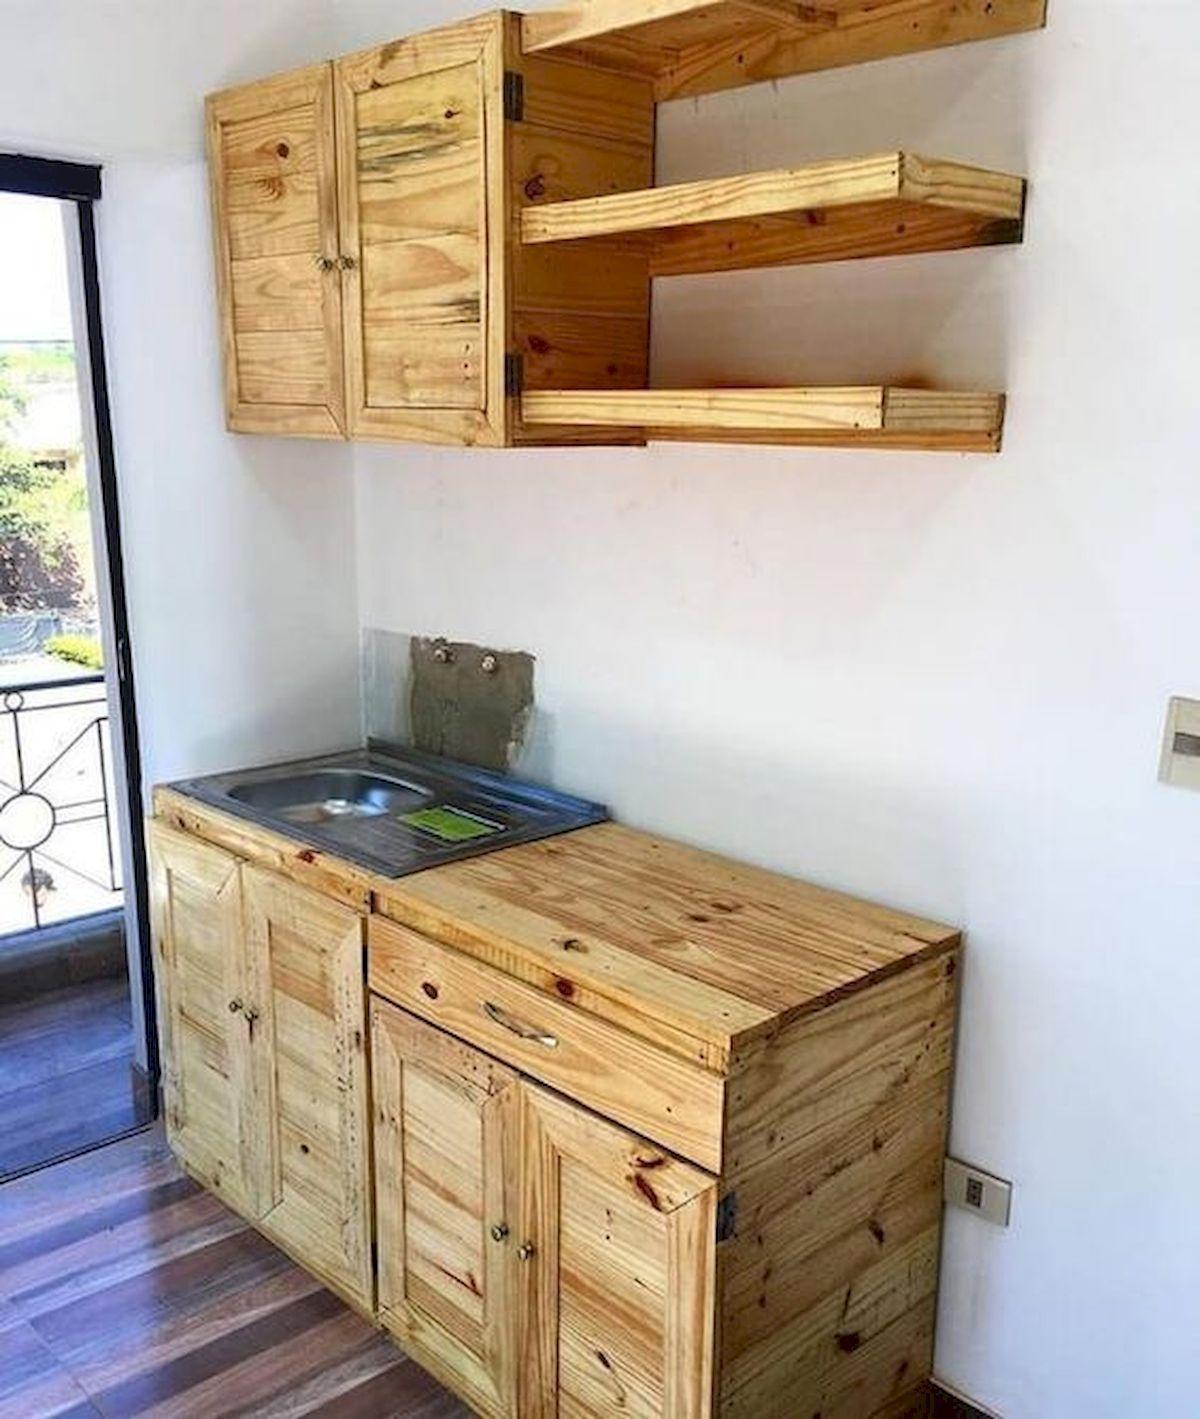 50 Amazing Diy Pallet Kitchen Cabinets Design Ideas 36 Pallet Kitchen Cabinets Pallet Kitchen Pallet Diy